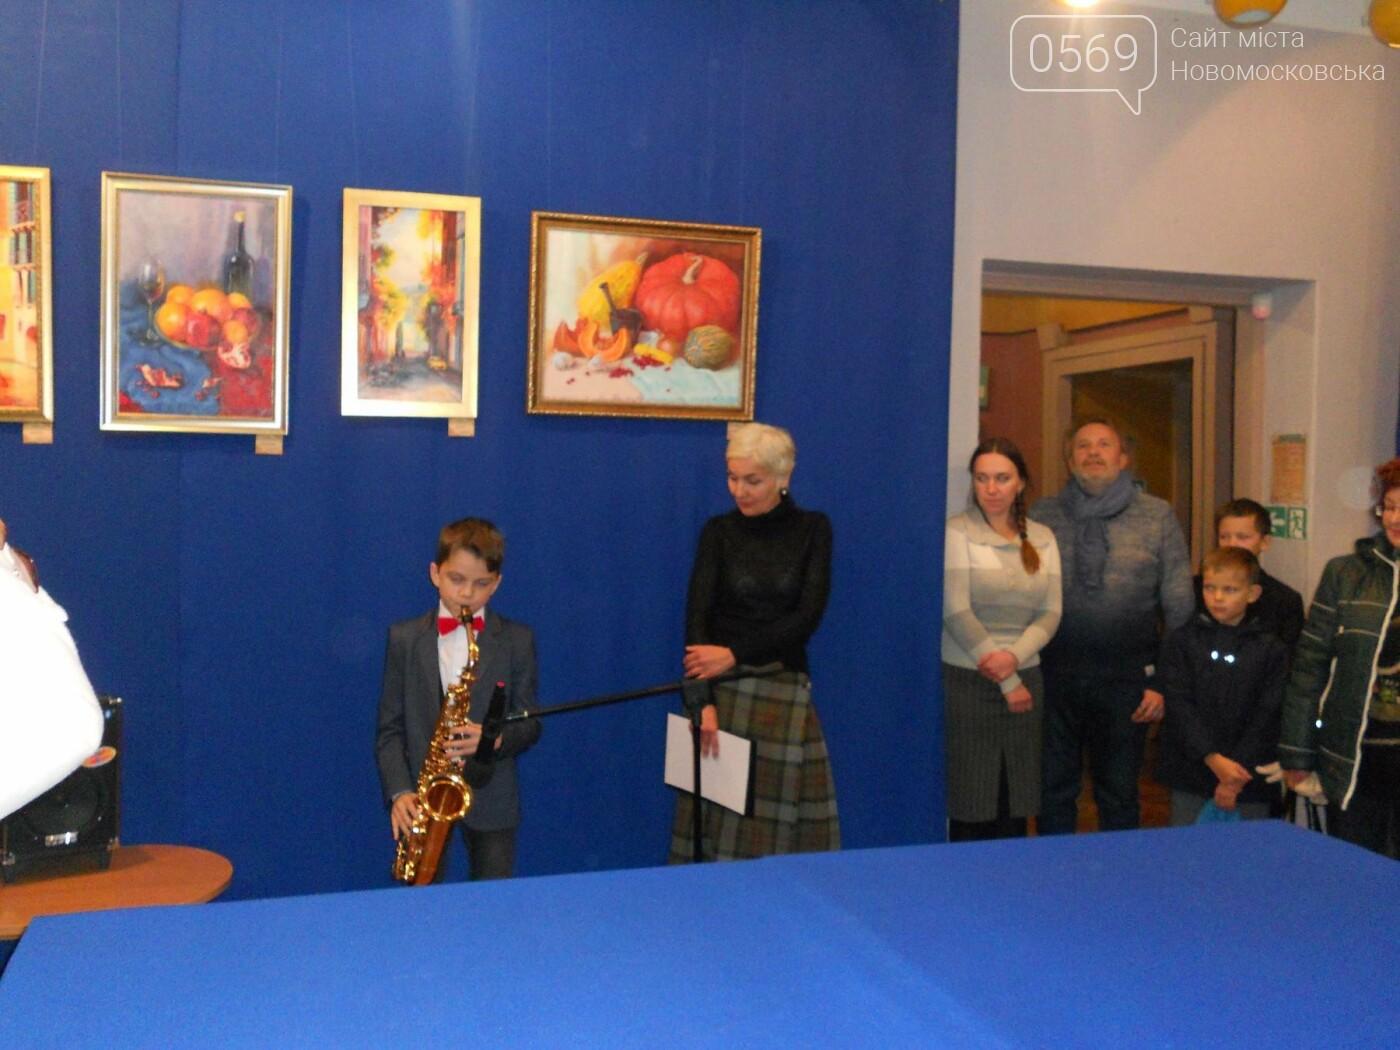 В Новомосковске открылась выставка молодых художников, фото-14